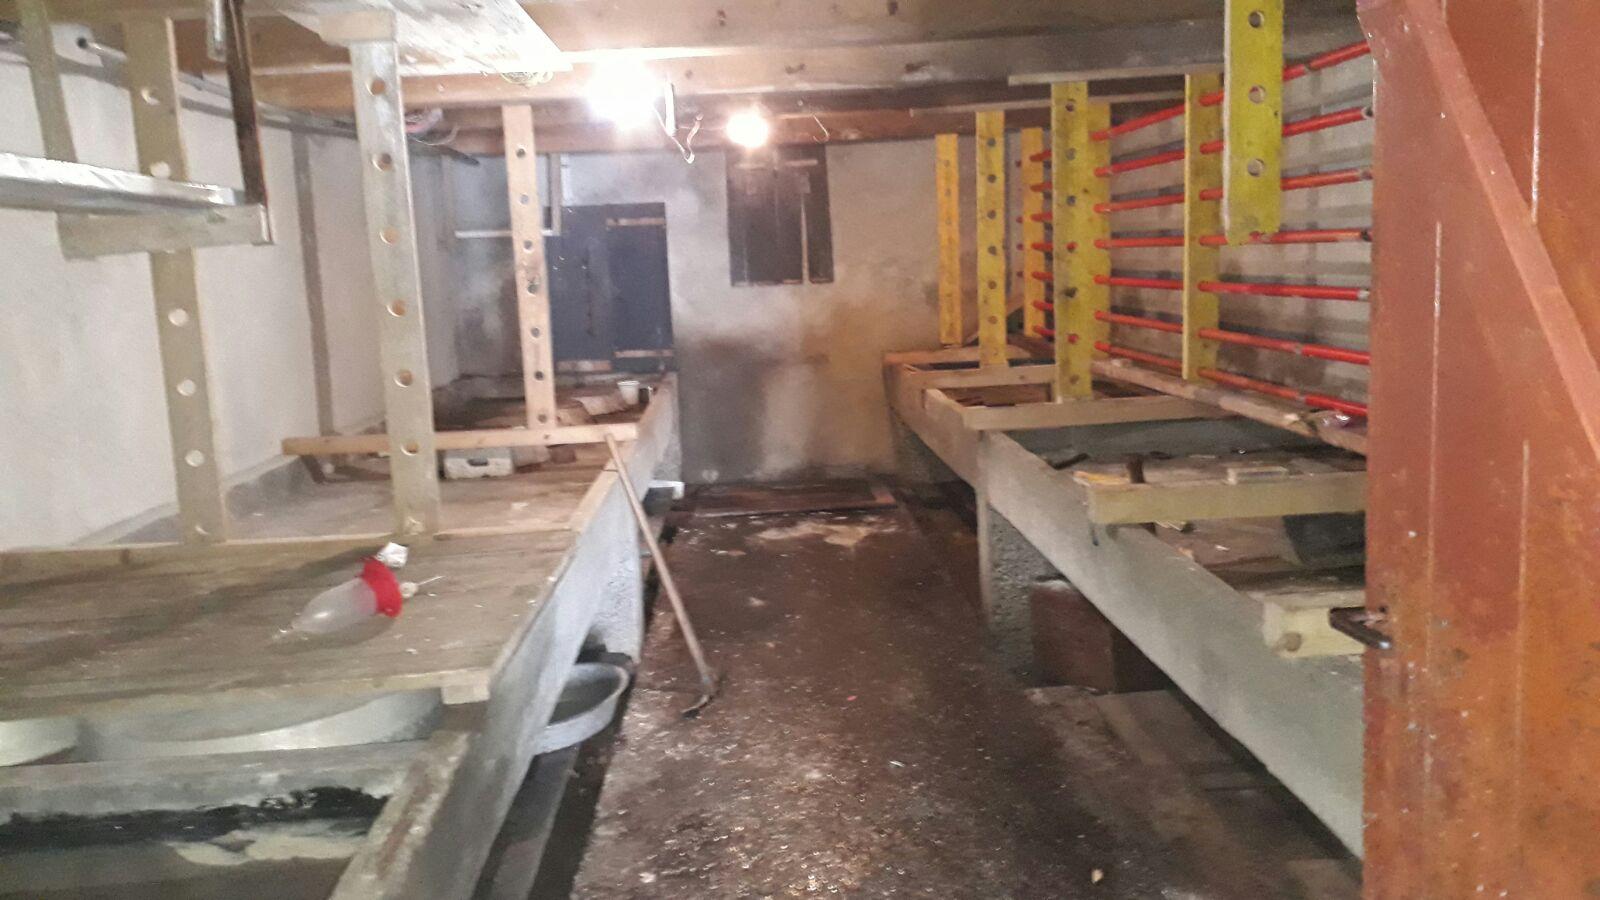 So sah der Keller bis im Jahr 2017 aus, bevor er umgebaut wurde.